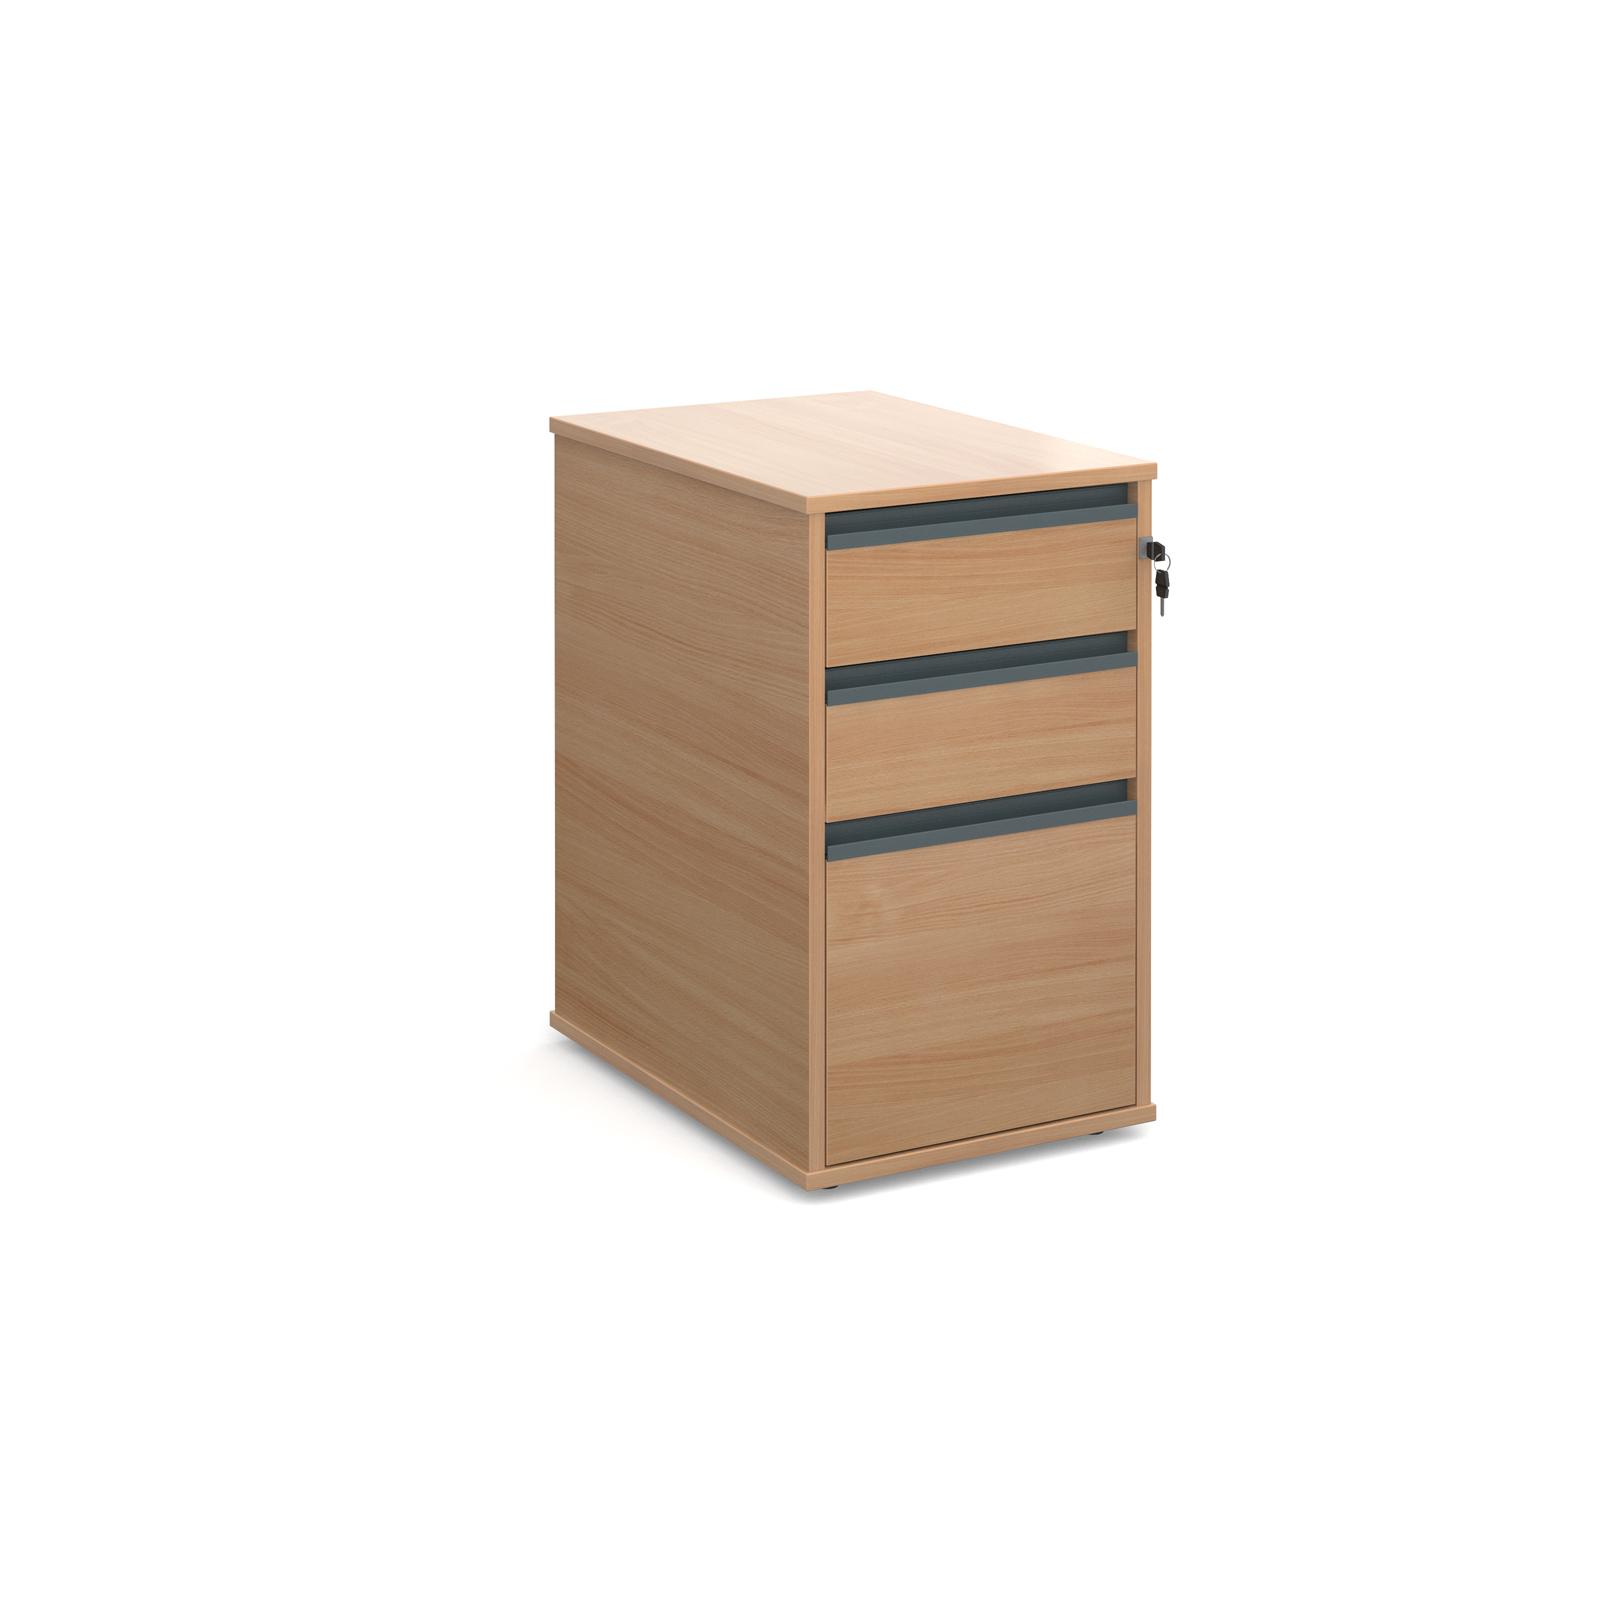 Maestro desk end 3 drawer pedestal 600mm deep - beech